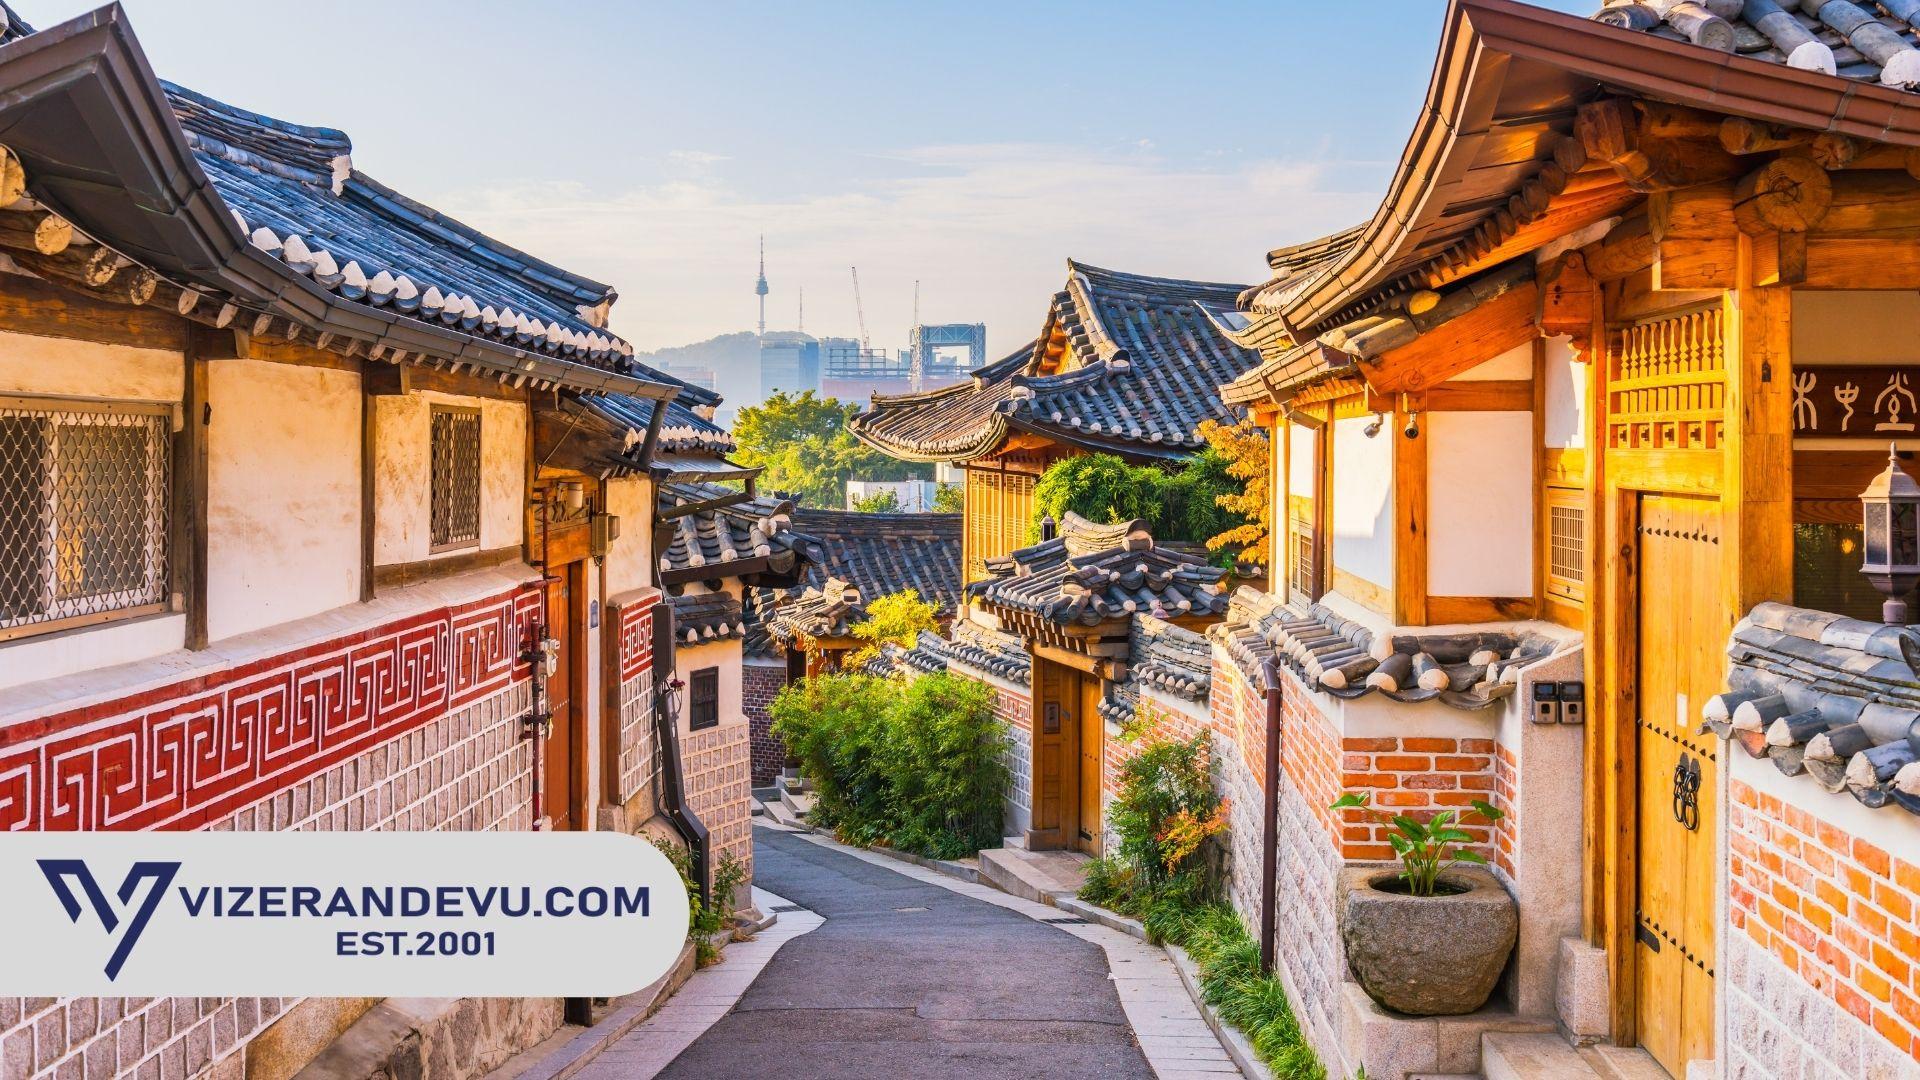 Güney Kore Vizesi: Randevu ve Başvuru (2021)